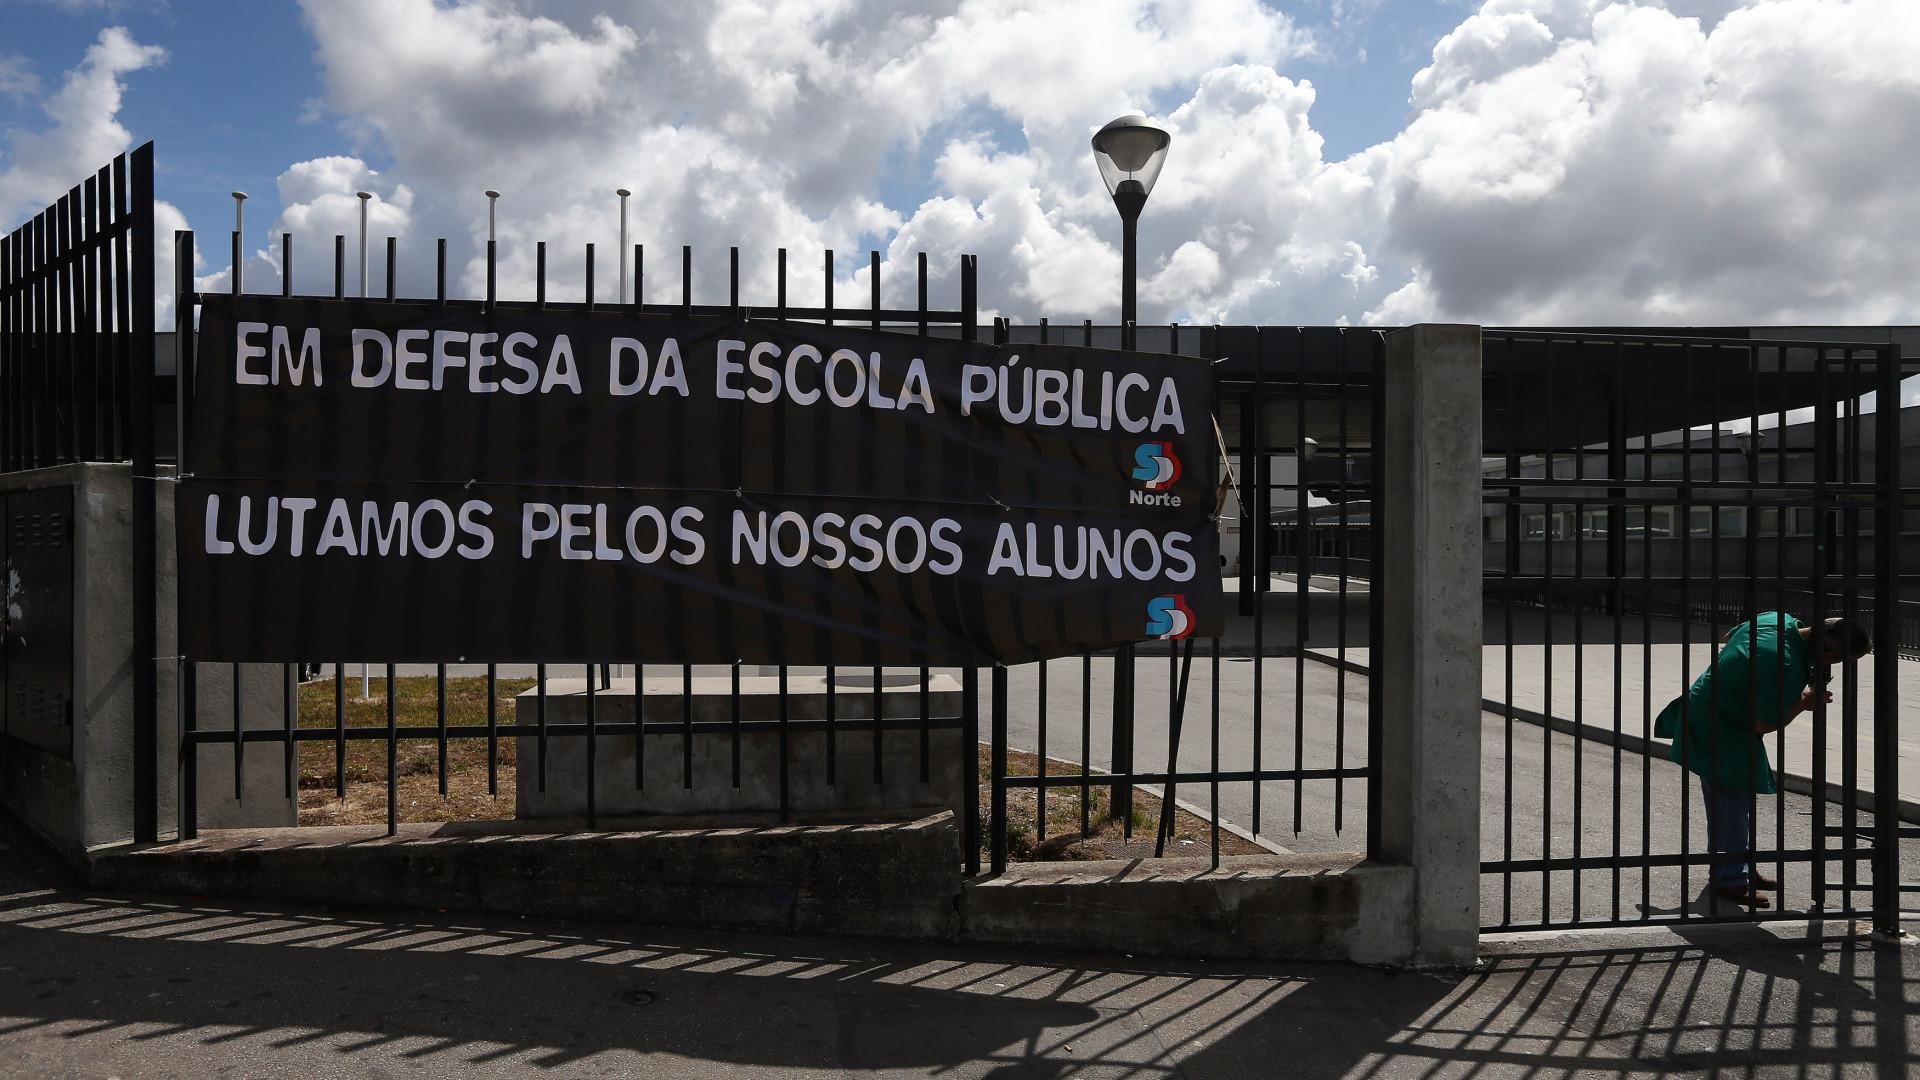 Pais junto a portões de escolas ansiosos sem saber se filhos têm aulas